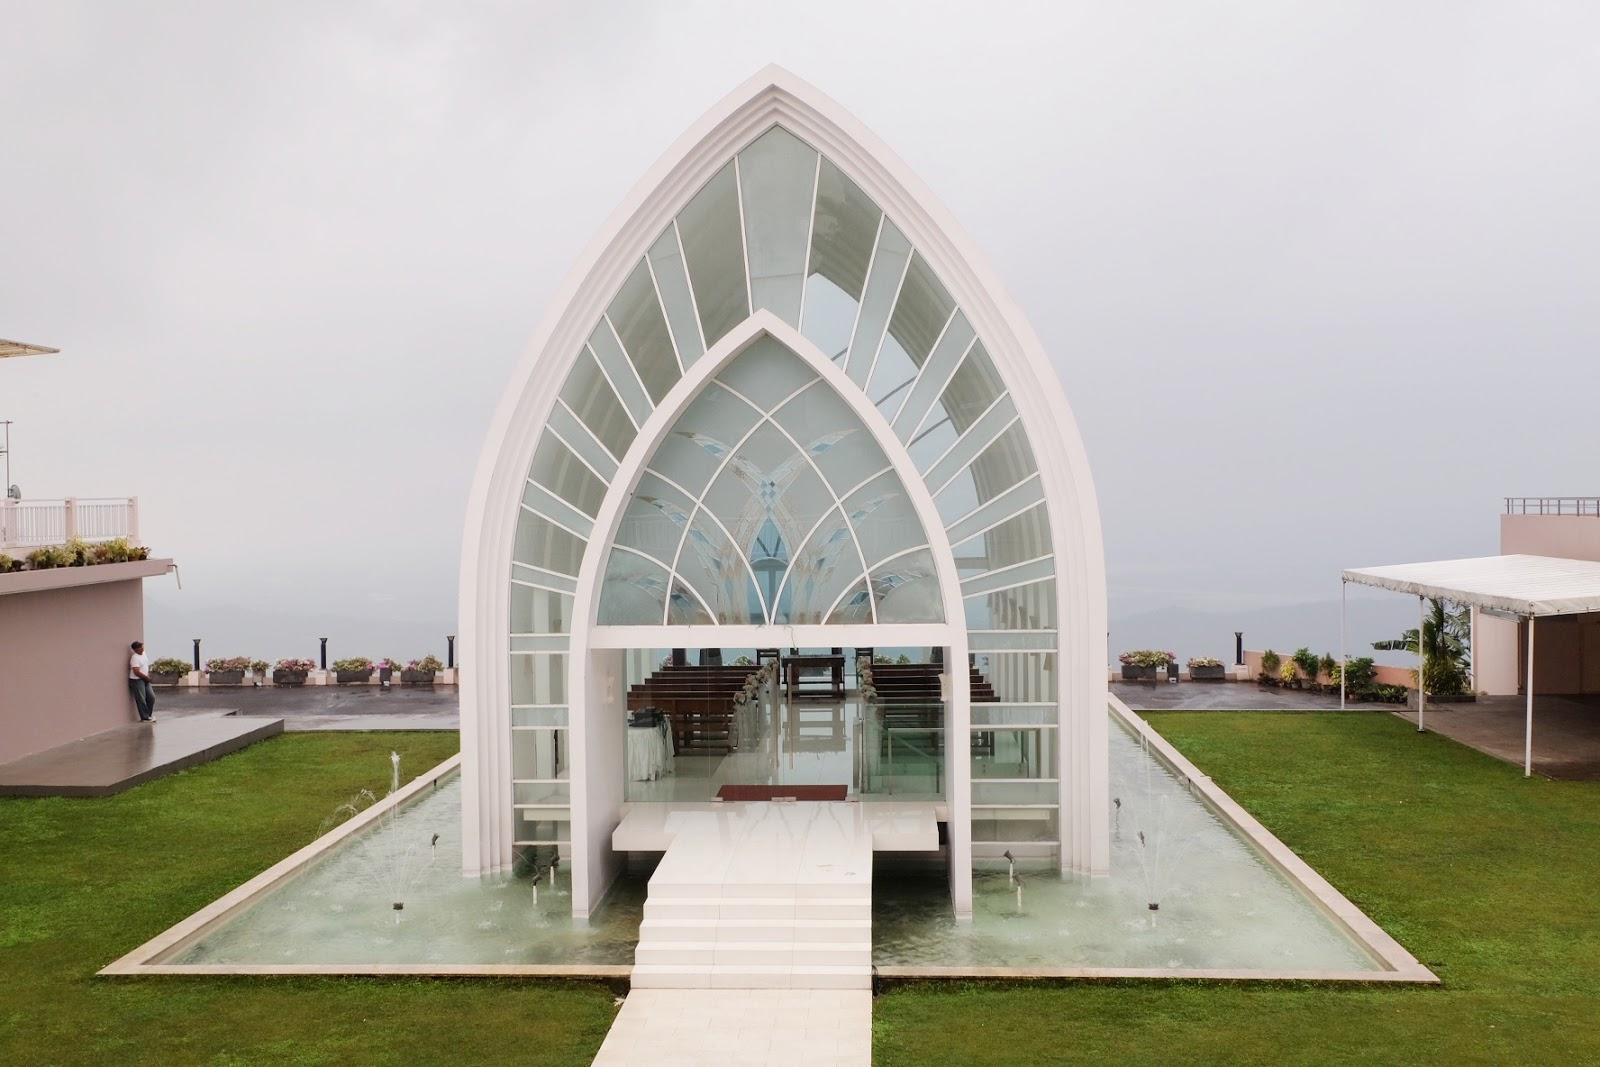 Menikmati Sore Susan Spa Resort Basilicha Tak Layaknya Lokasi Wisata